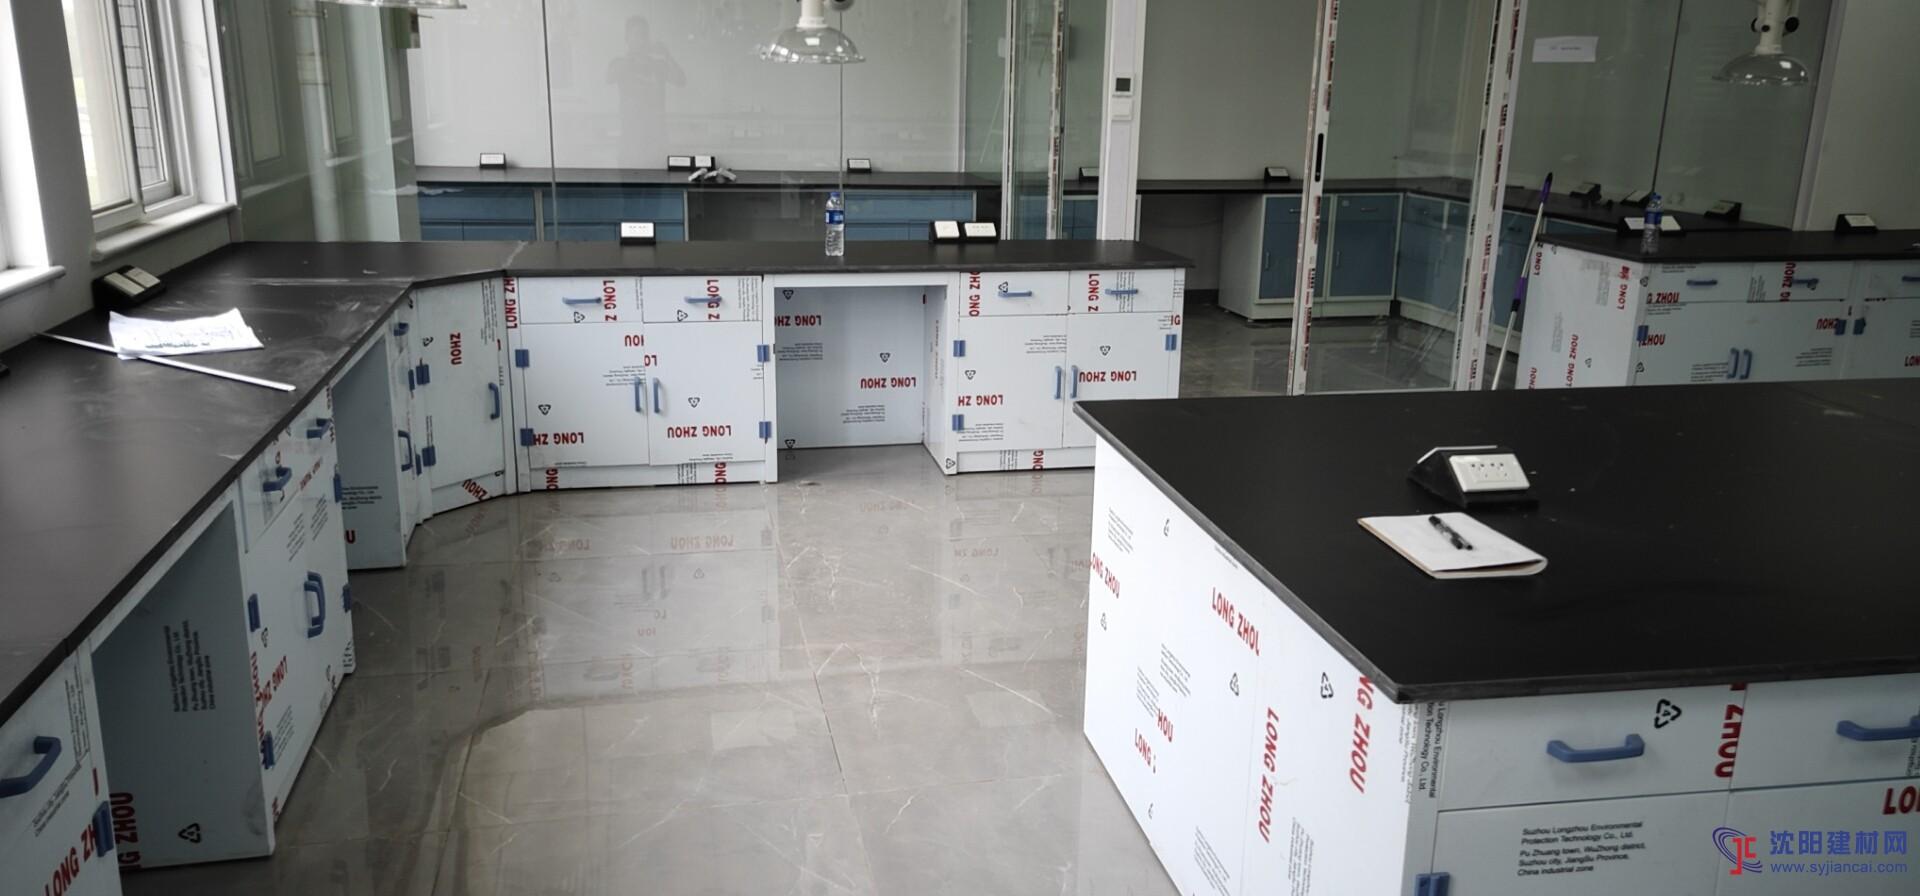 PP实验台PP实验桌PP操作台